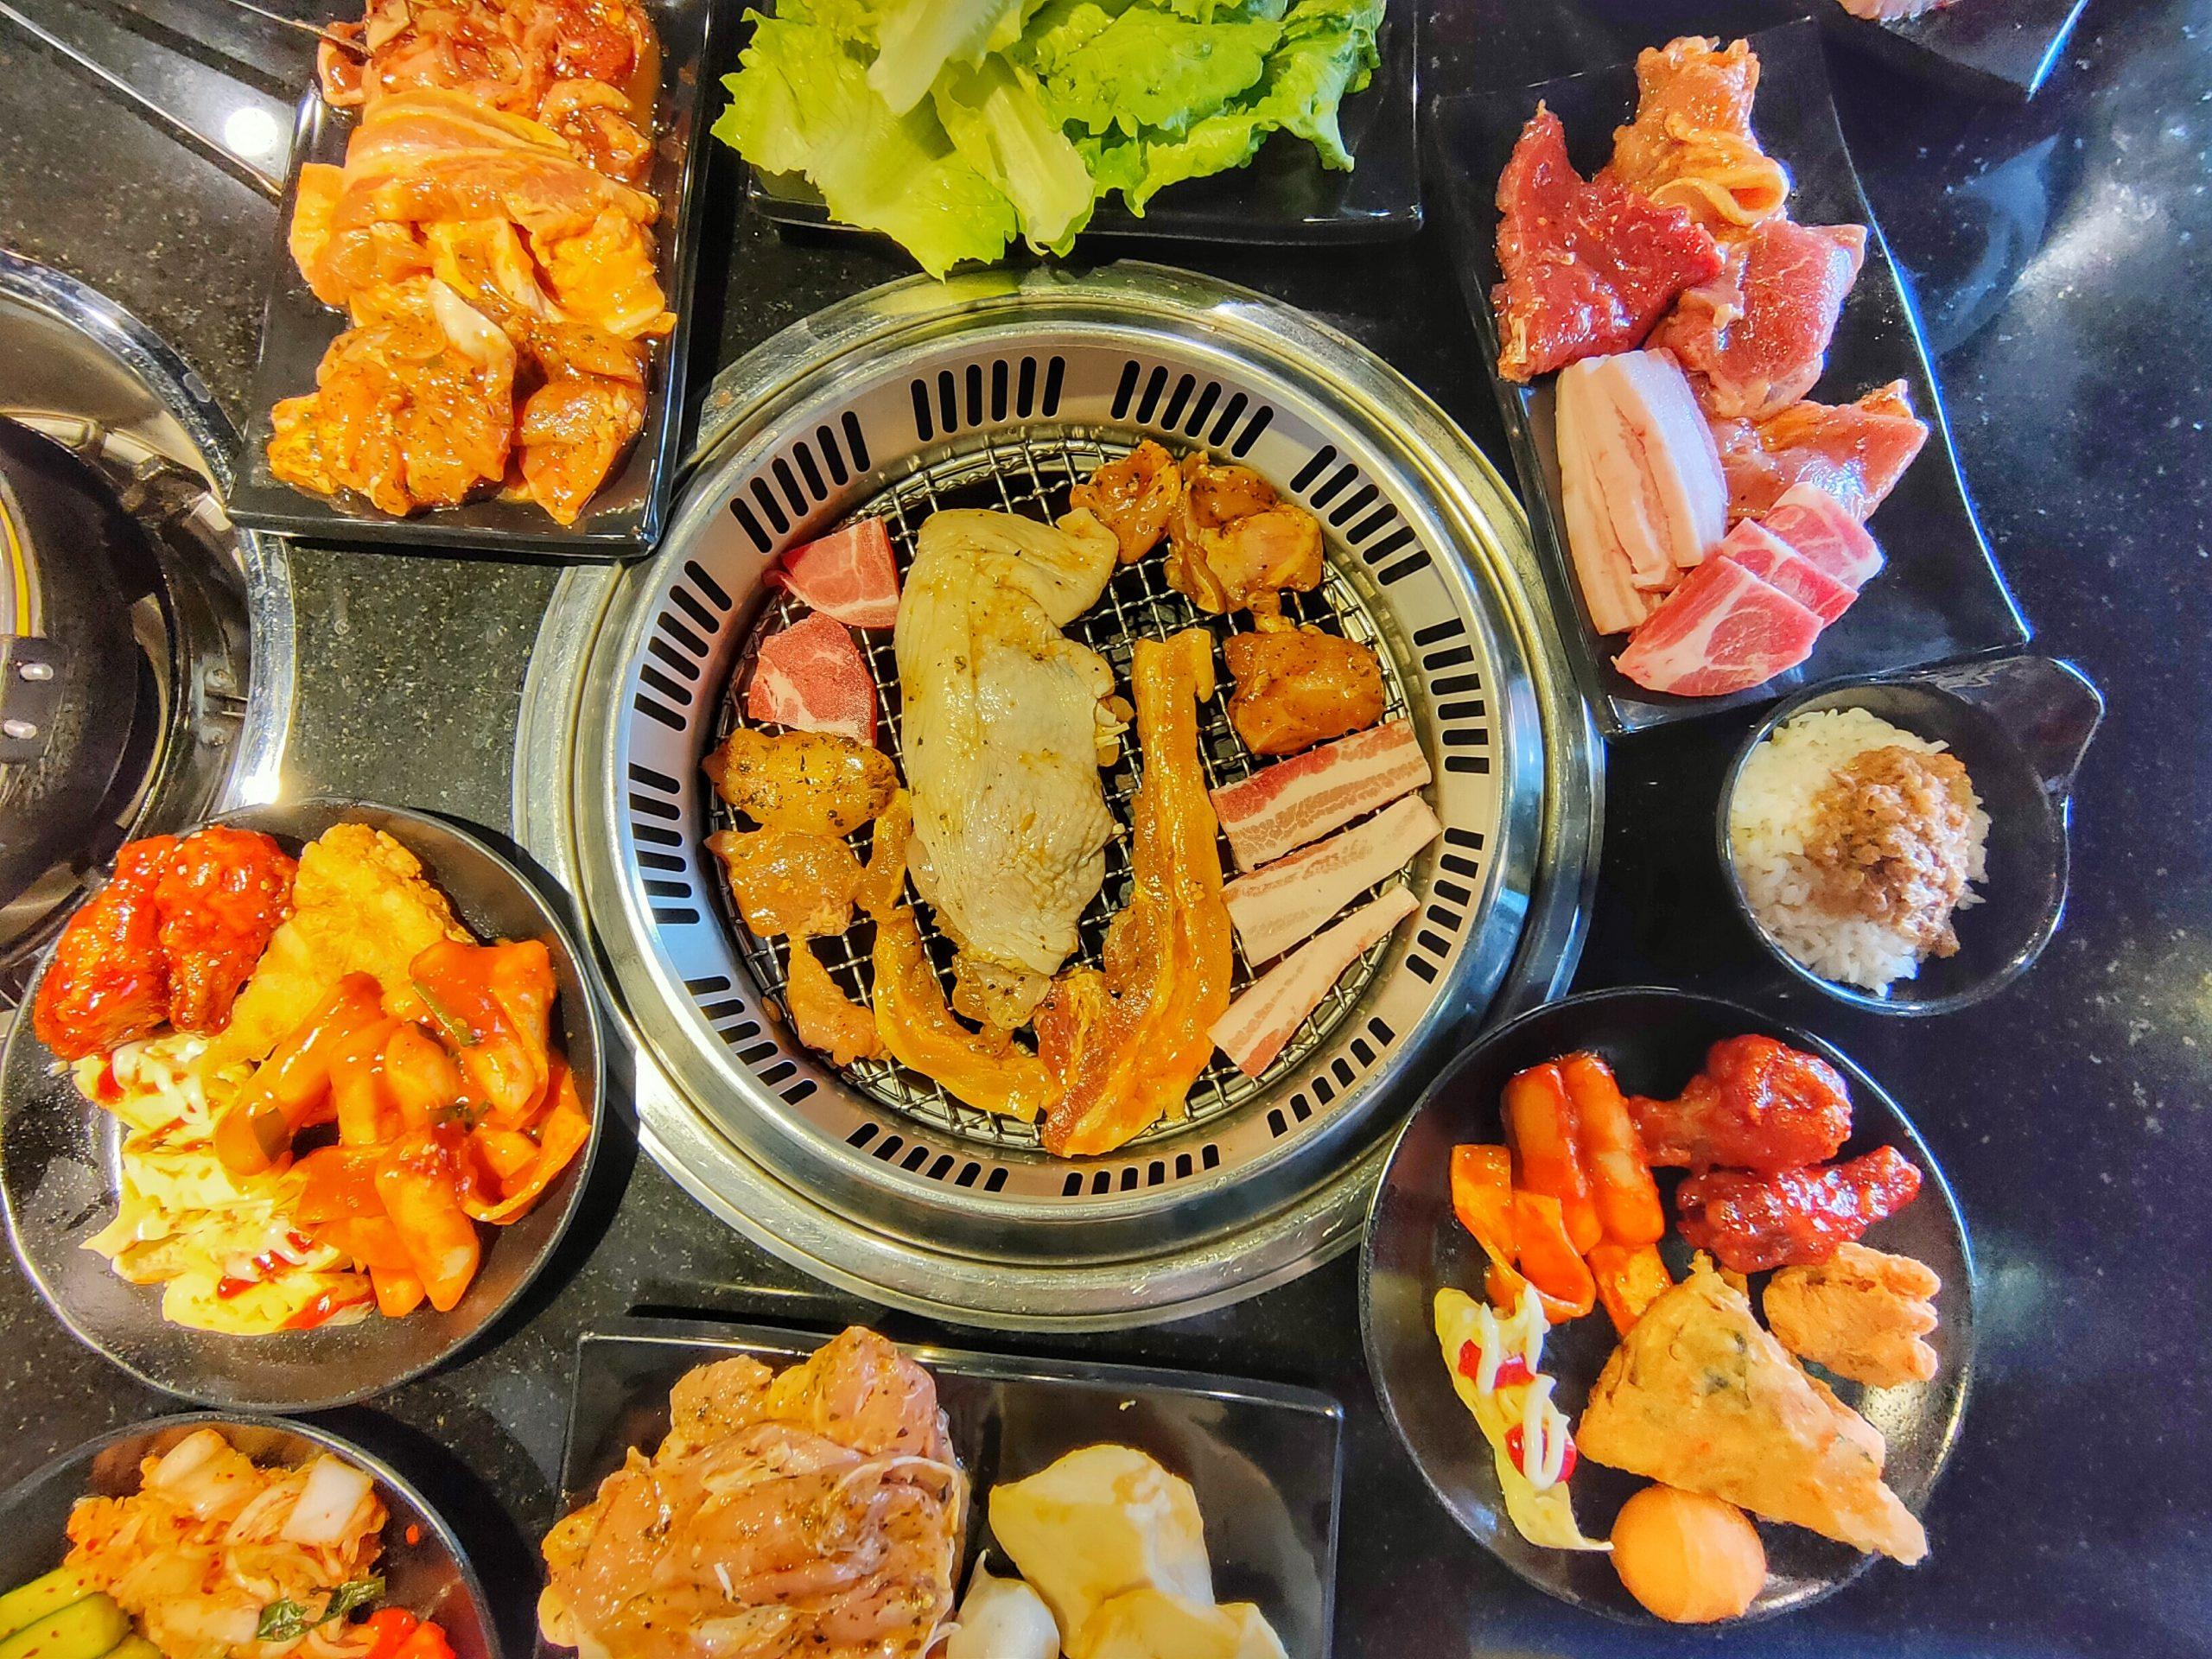 桃園藝文特區美食-豬對有燒烤吃到飽-299韓式烤肉吃到飽,限定頭三天四人同行一人免費